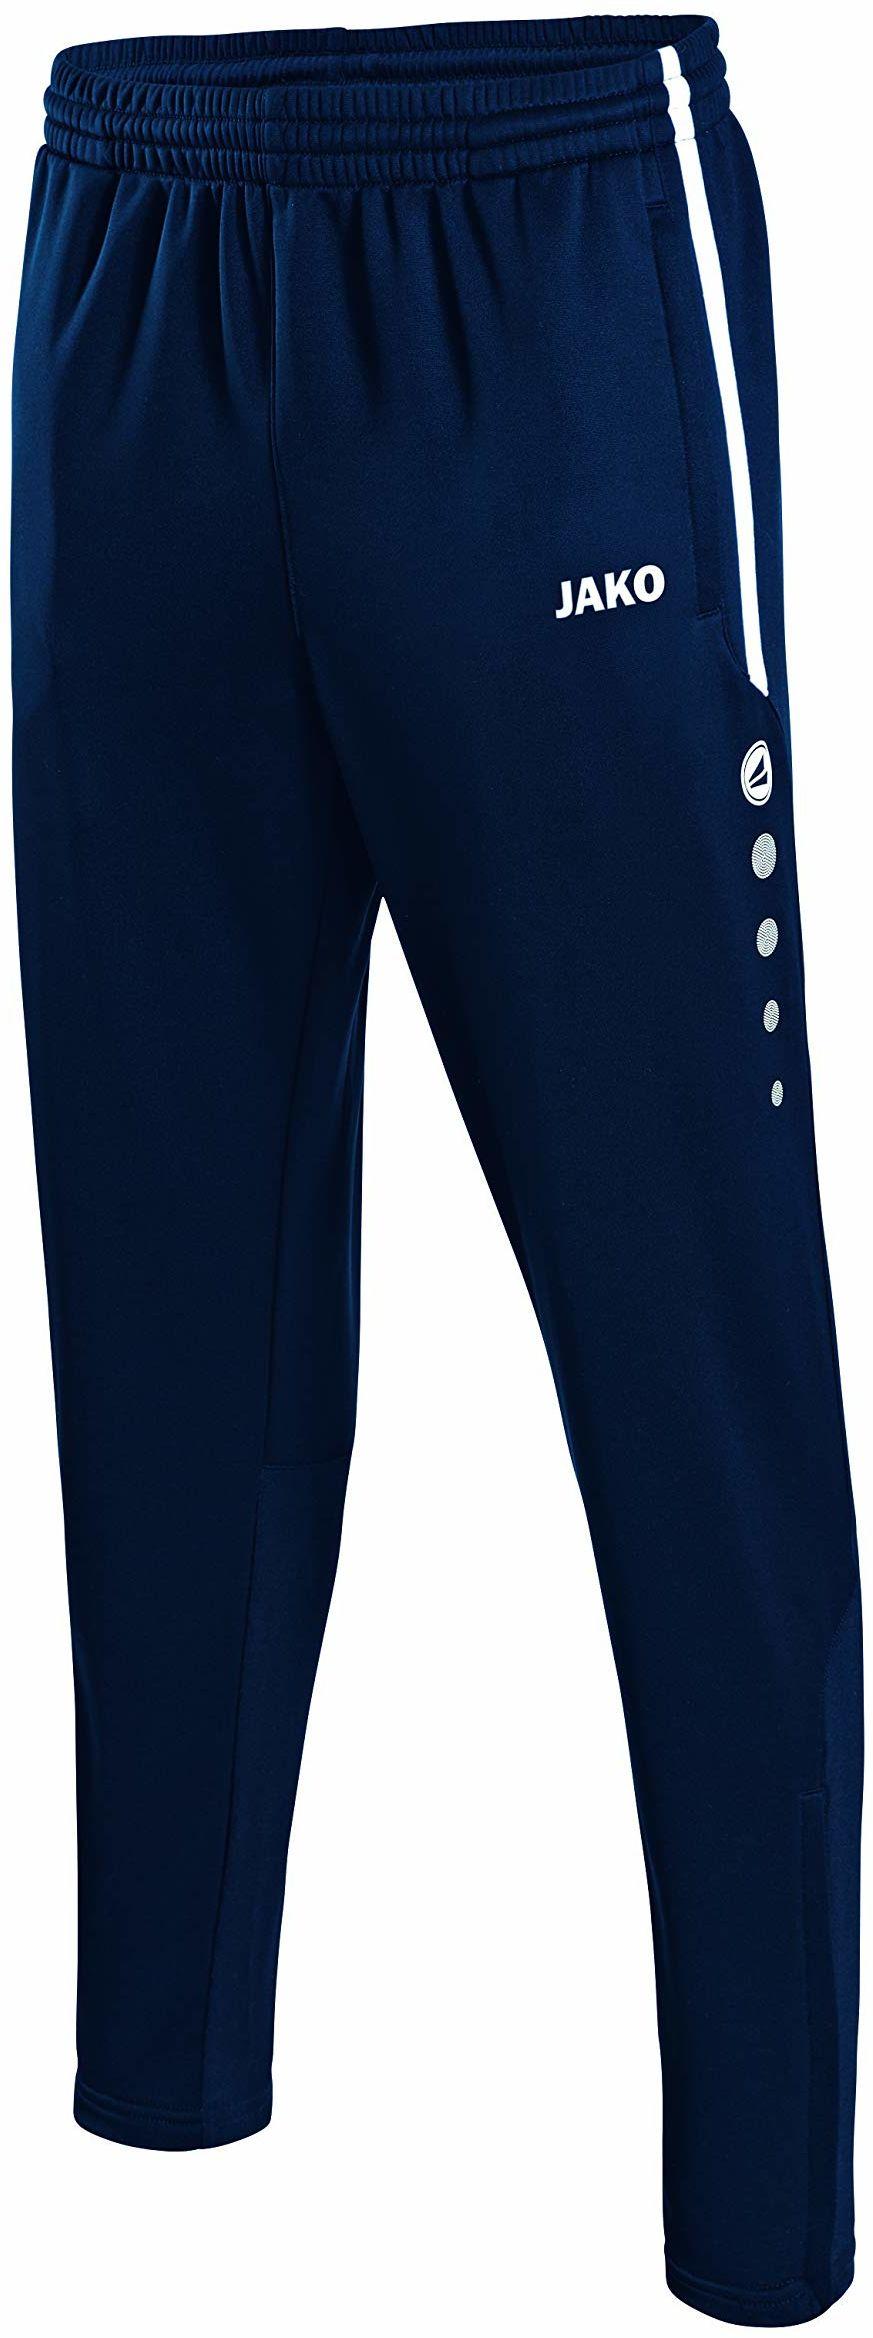 JAKO Męskie spodnie treningowe Active wielokolorowa morski/biały/błękitny L